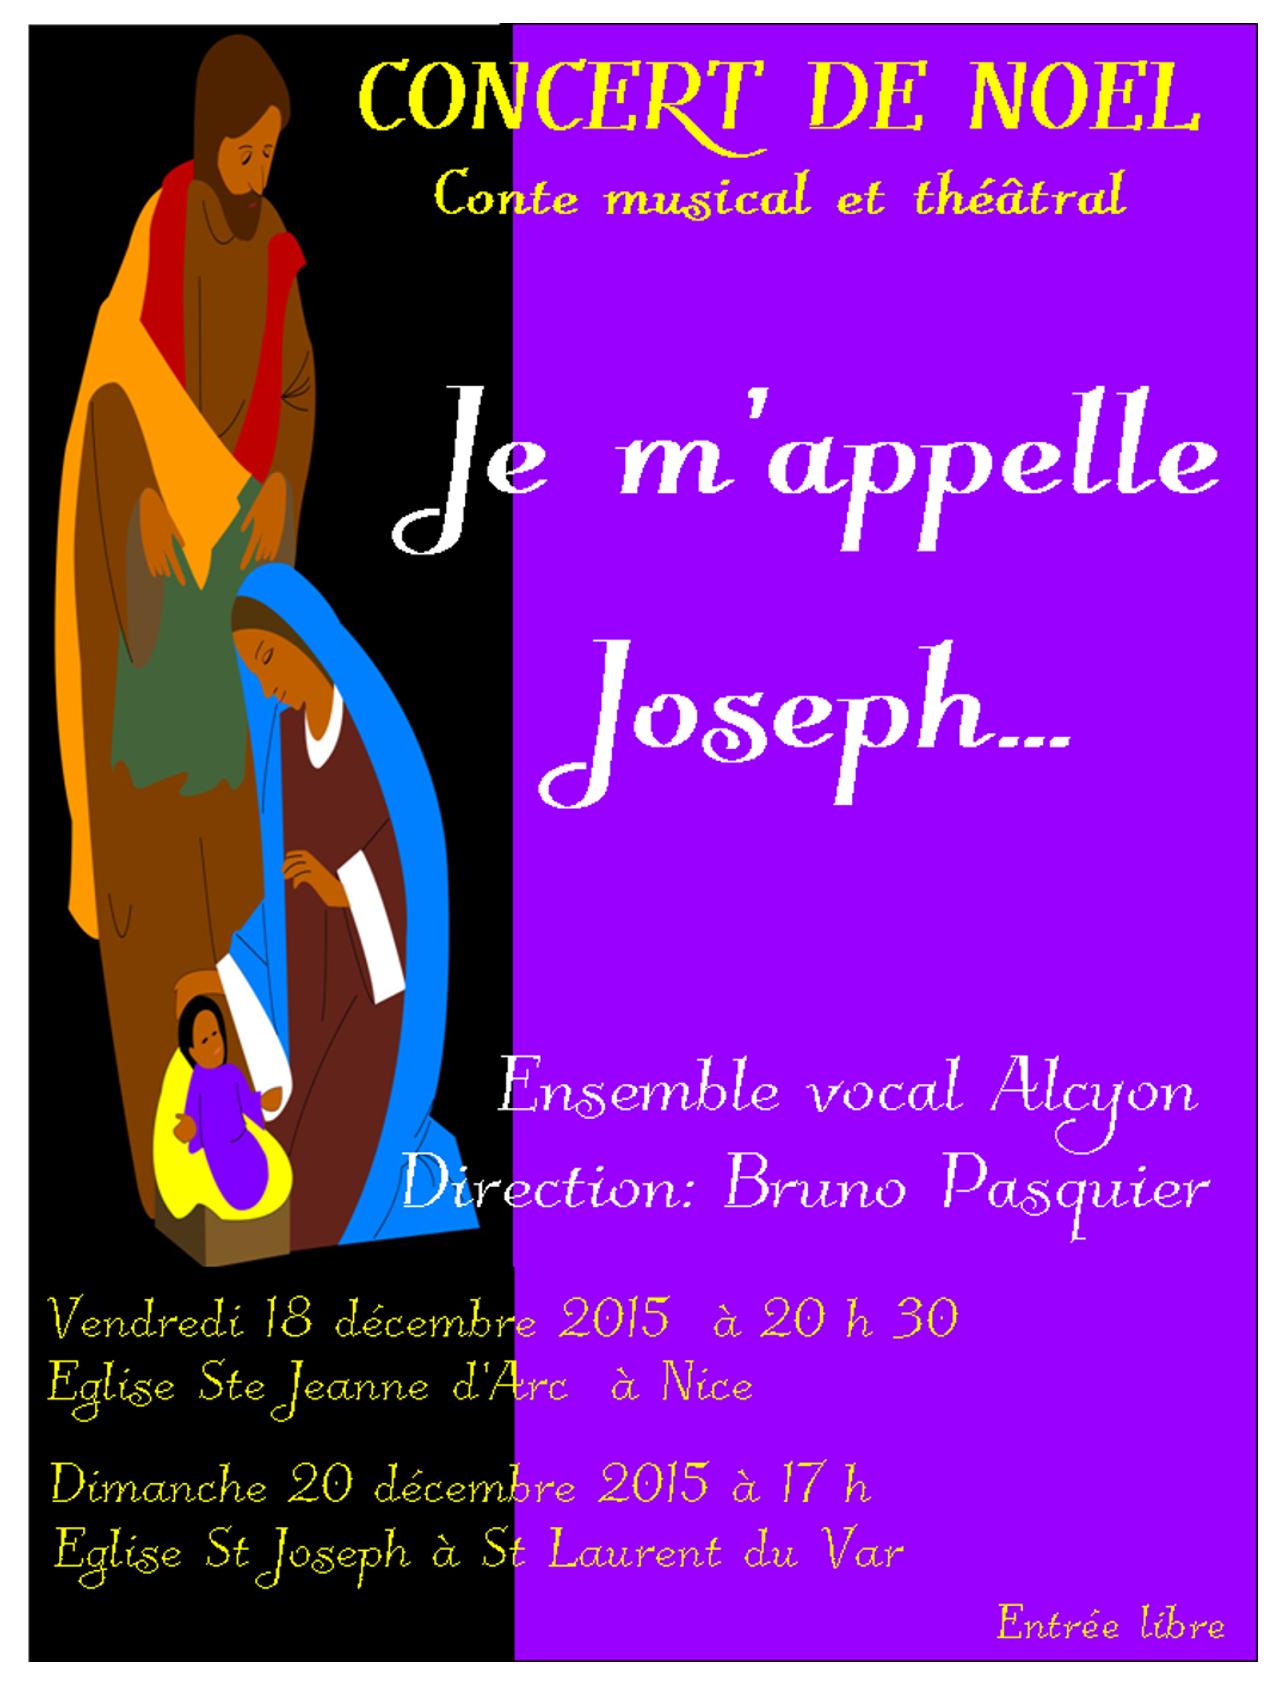 Affiche Concert de Noël  2015.jpg